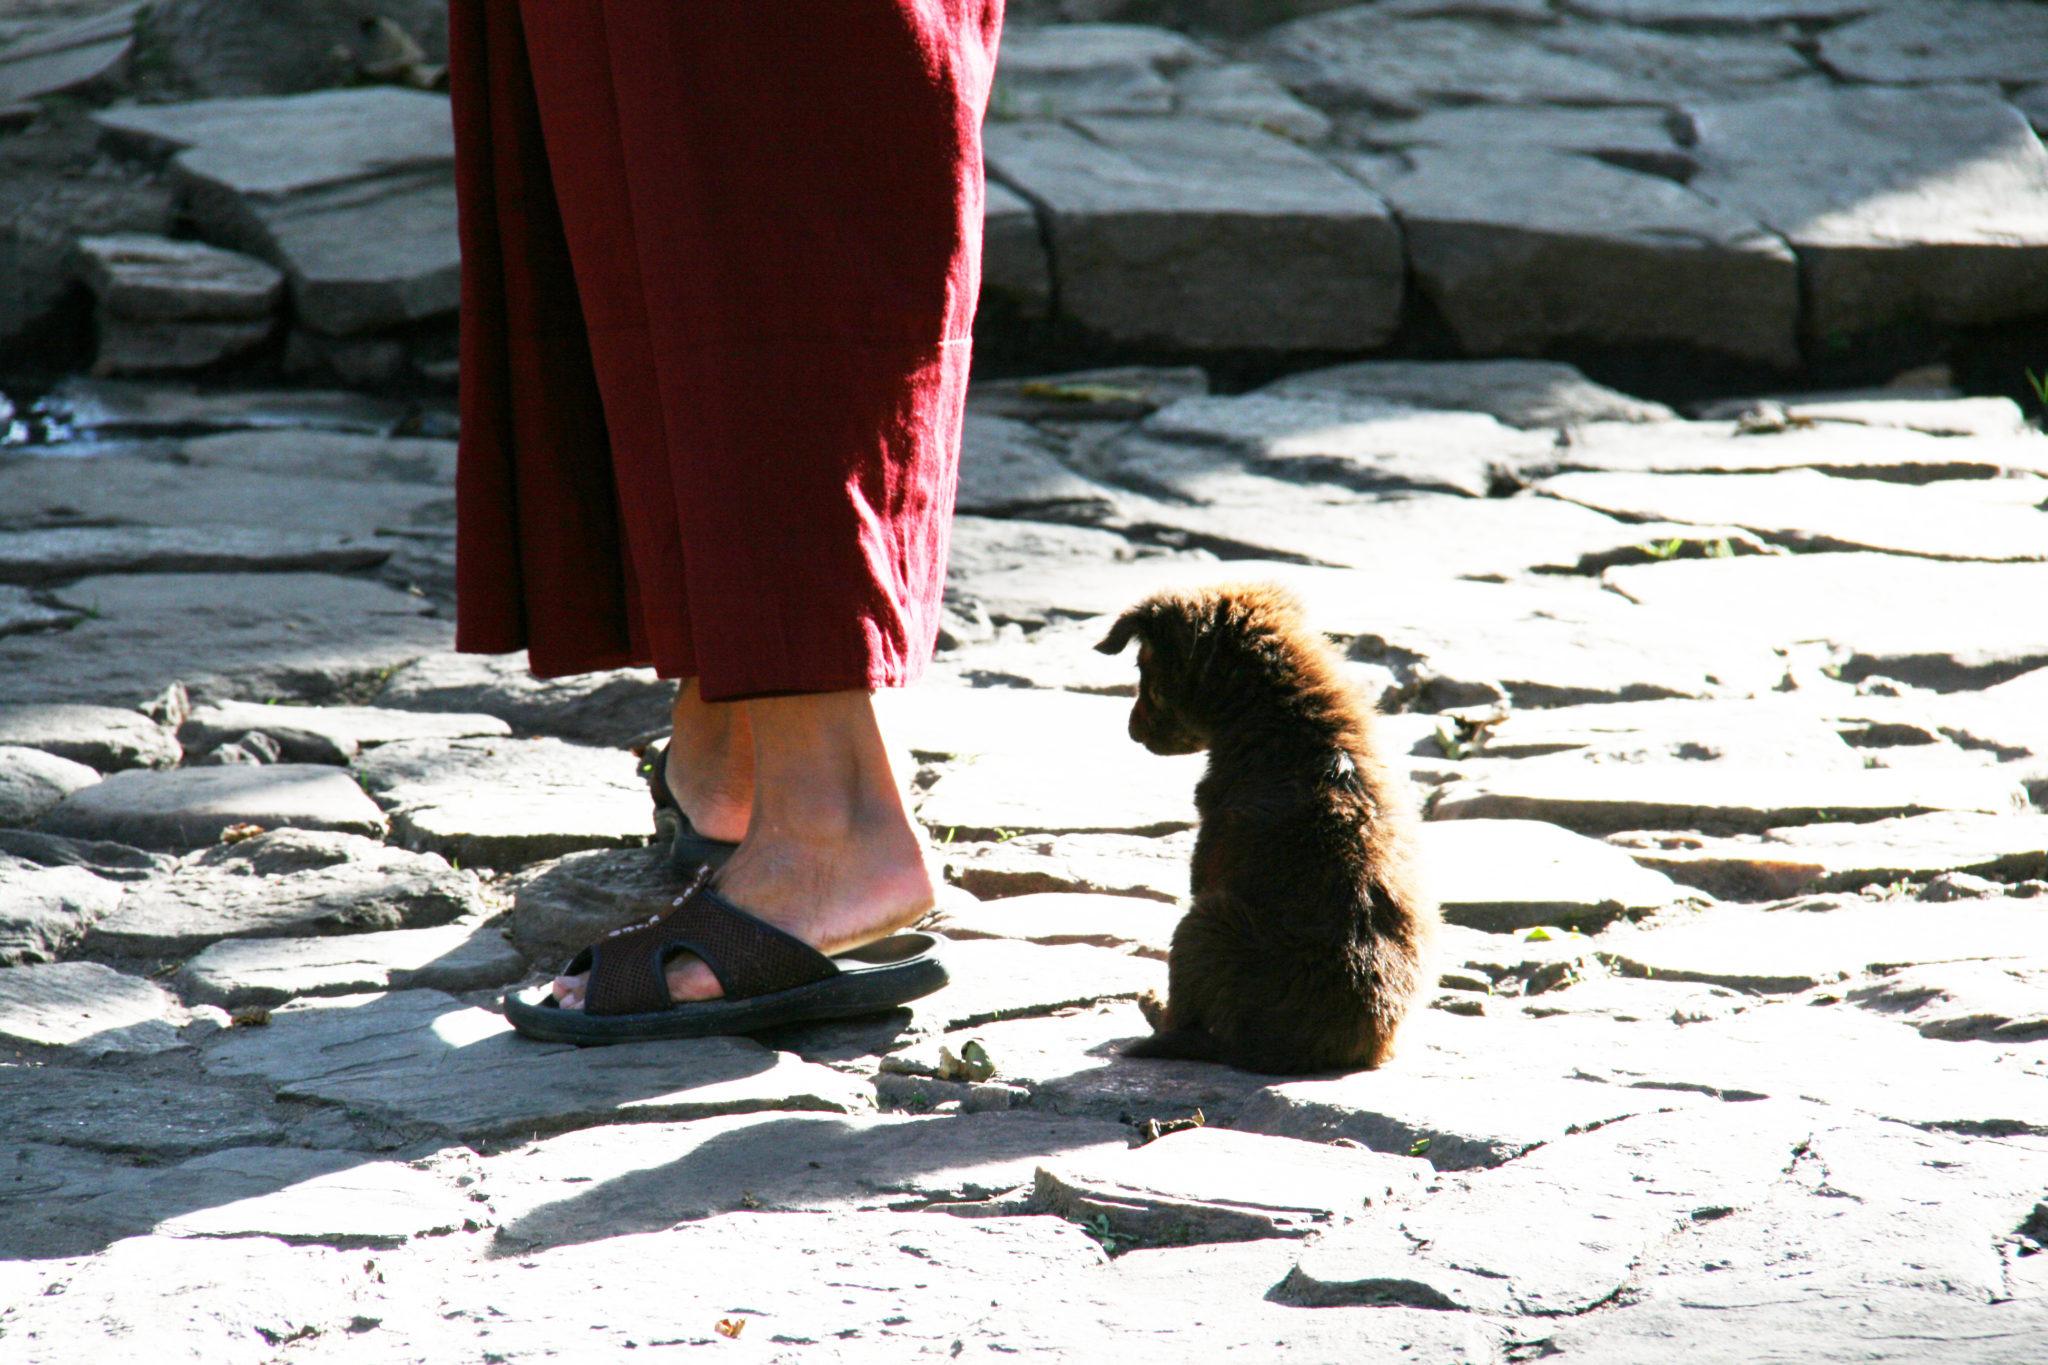 szczeniak siedzący przy nogach mnicha Buthan